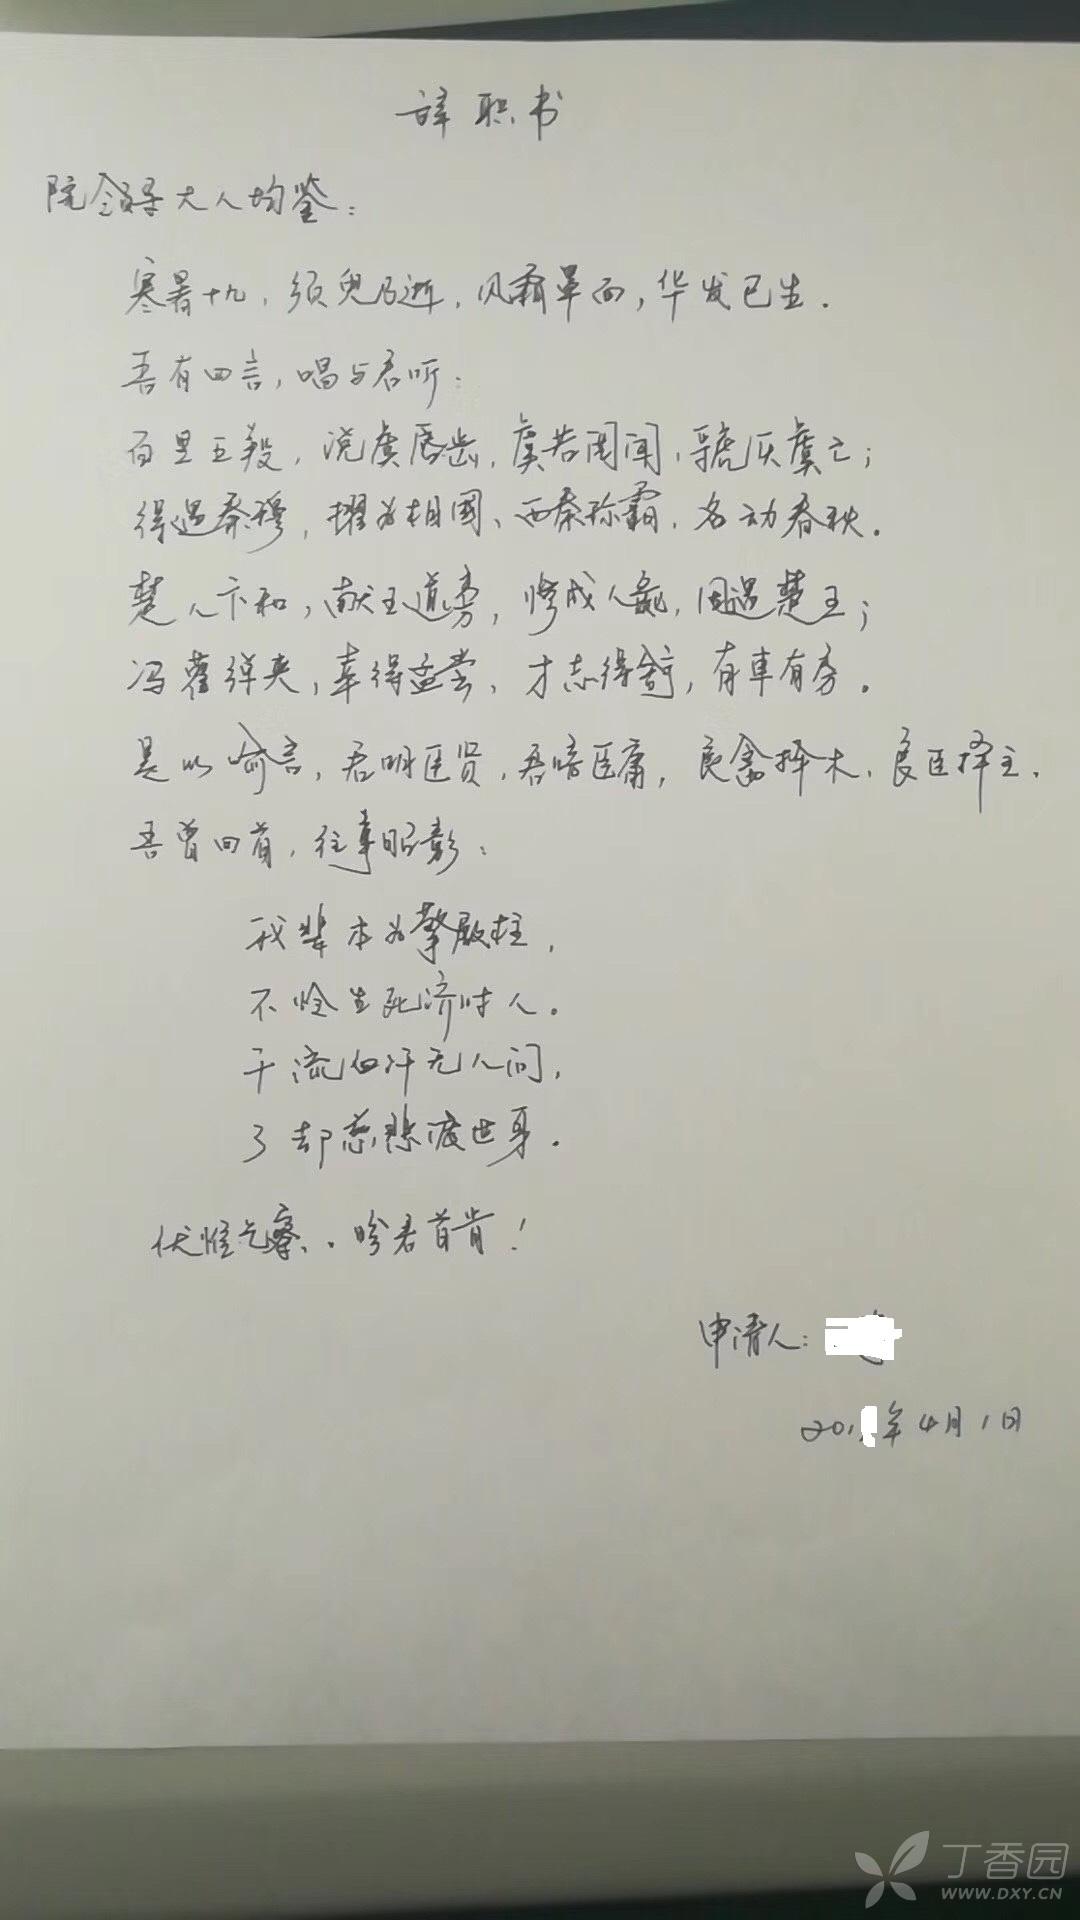 医院辞职信(15篇) 医院辞职申请书